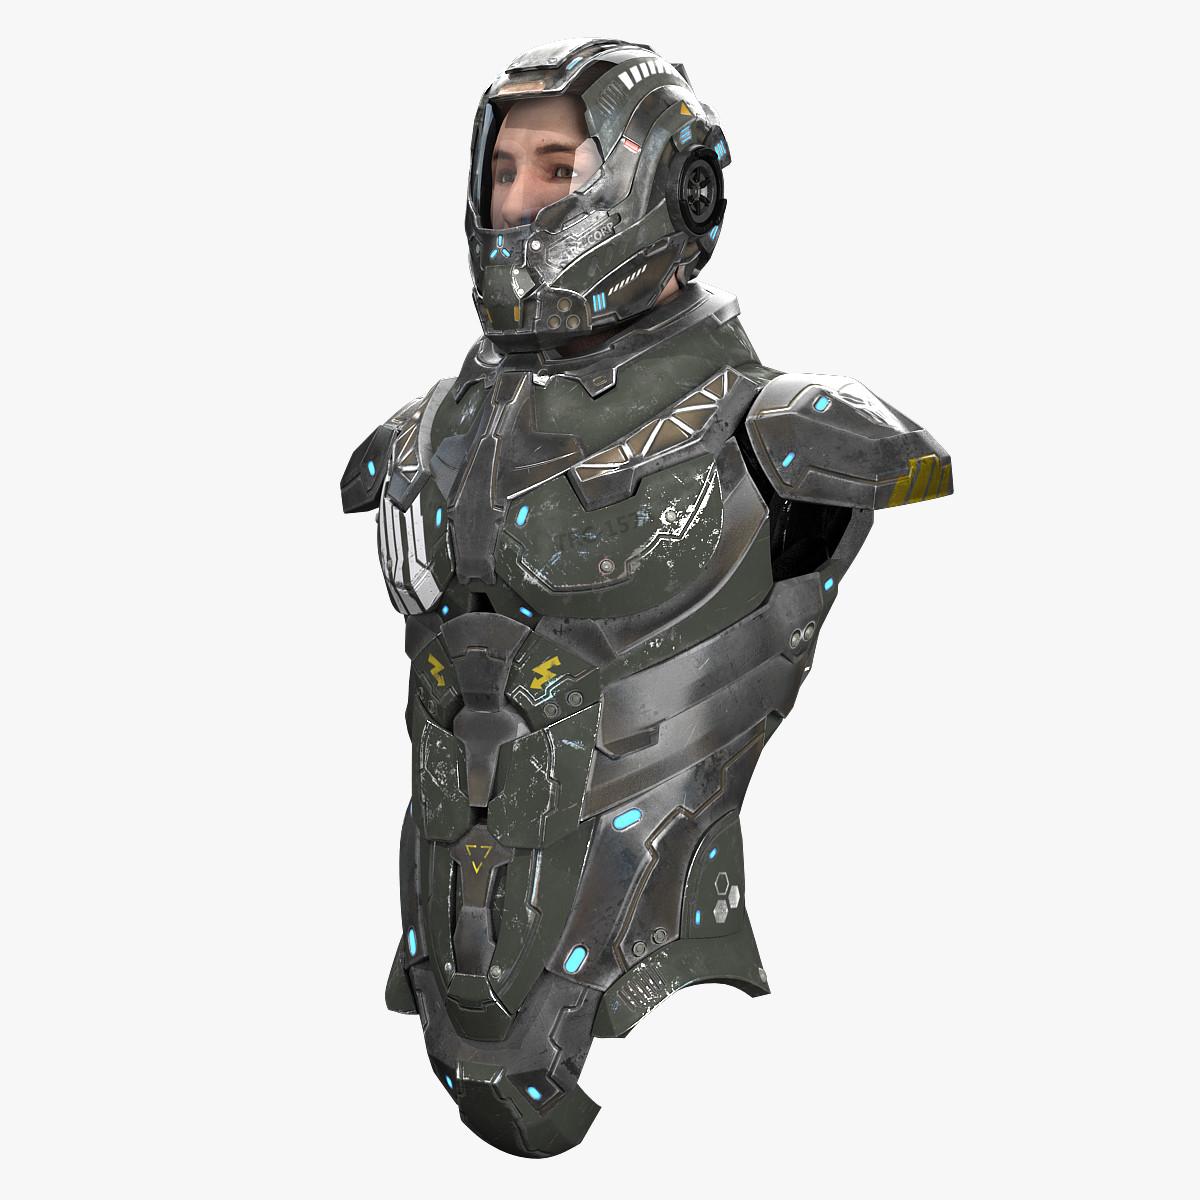 Armor-2-signature.jpg